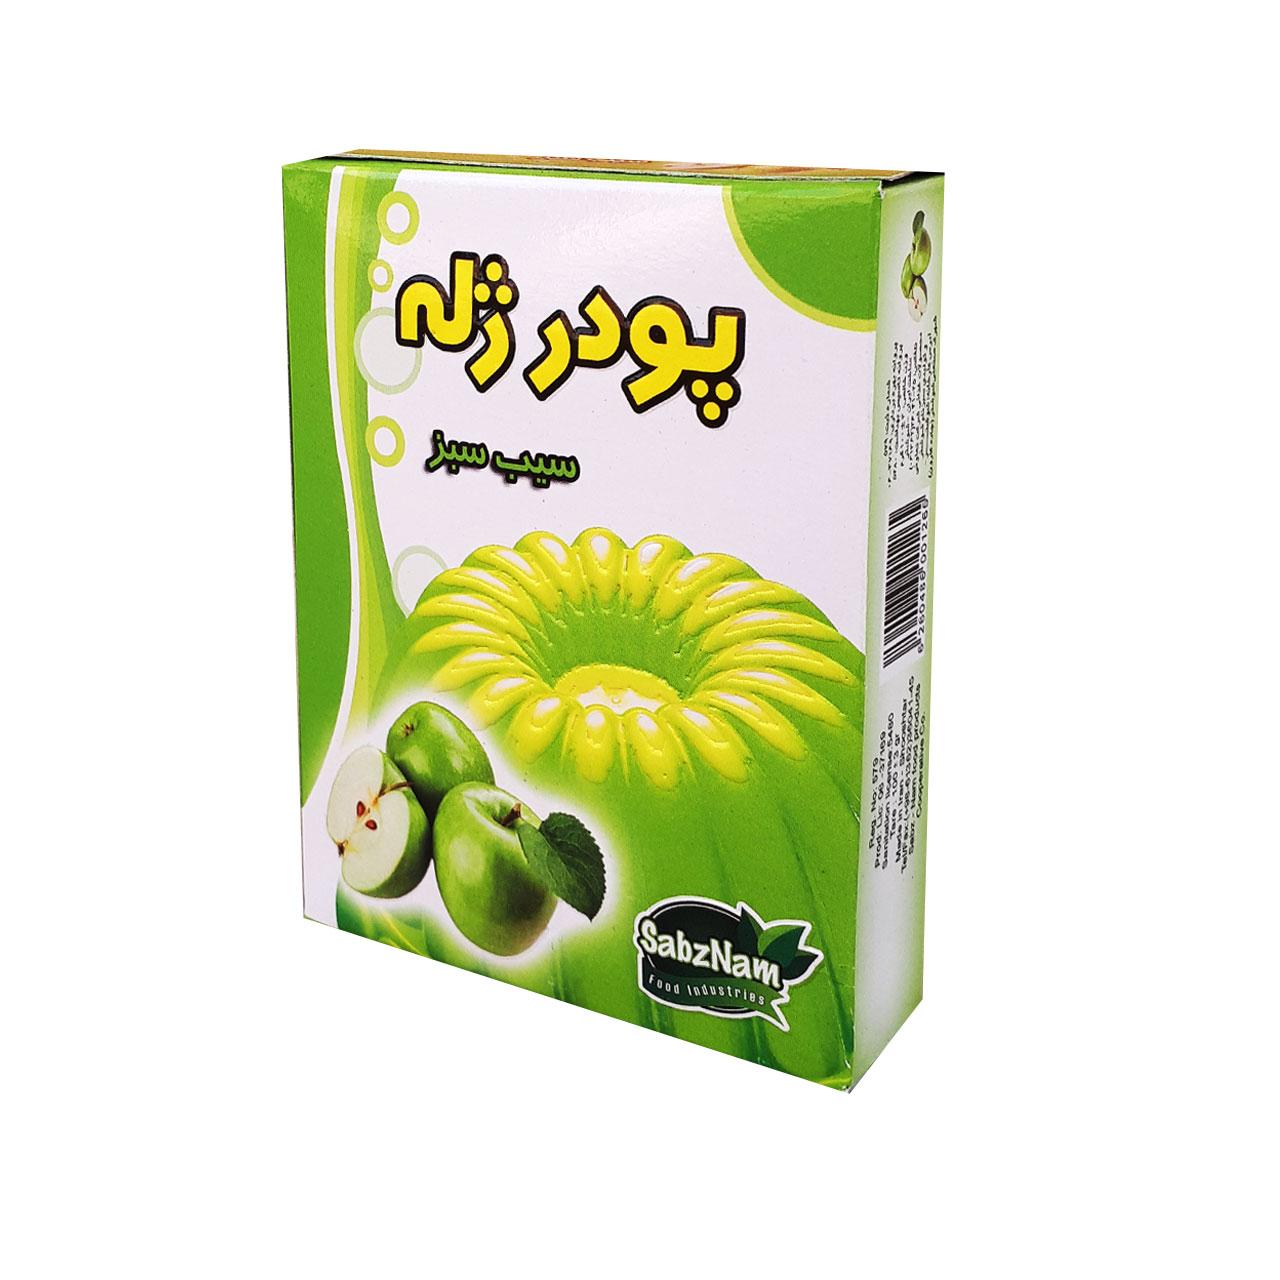 خرید                      پودر ژله سیب سبز سبزنام-100گرم